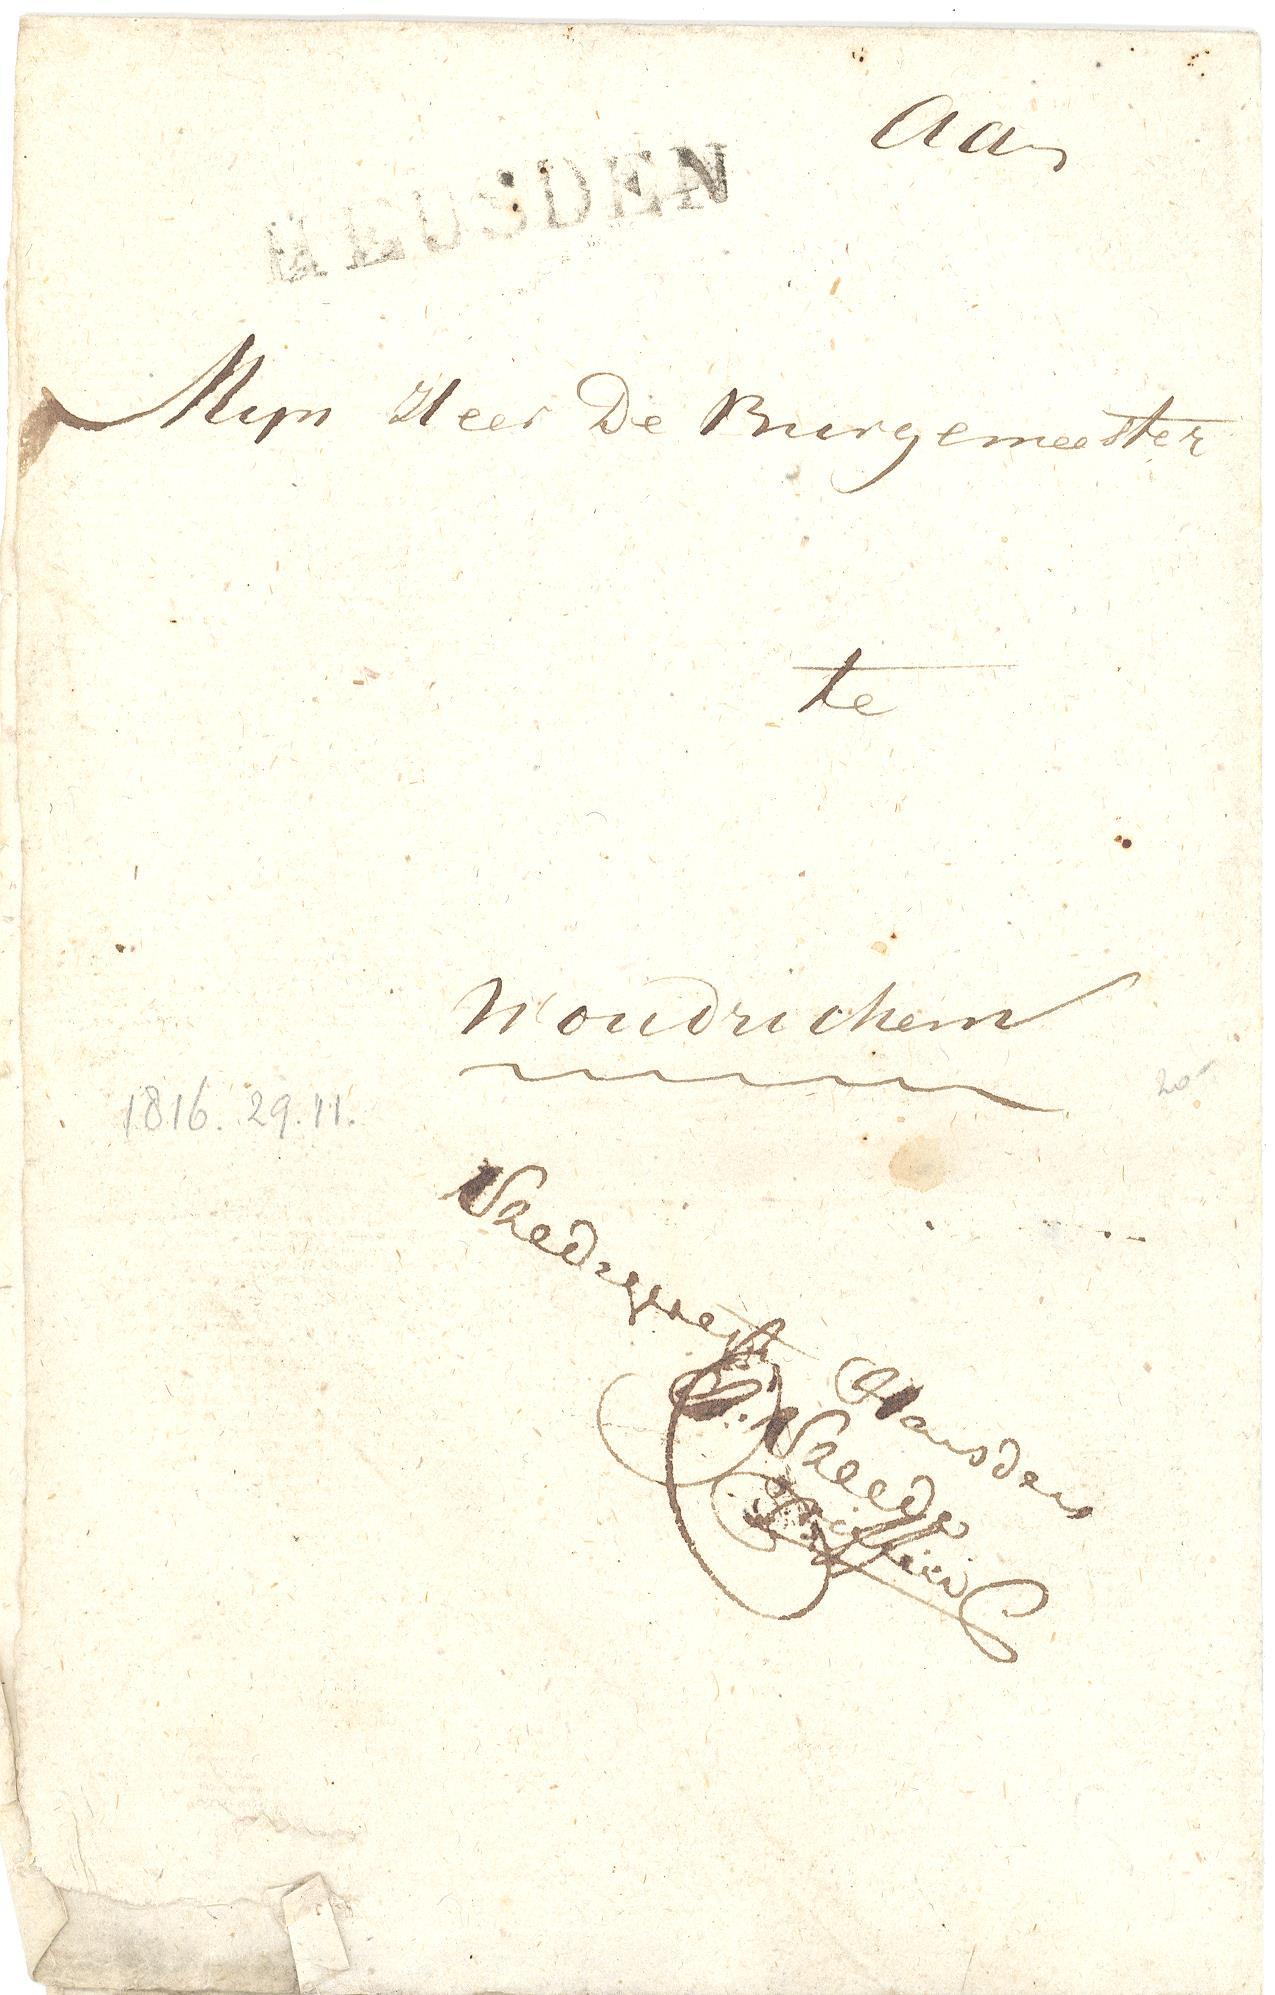 ENVE-010 briefomslag 29-11-1816